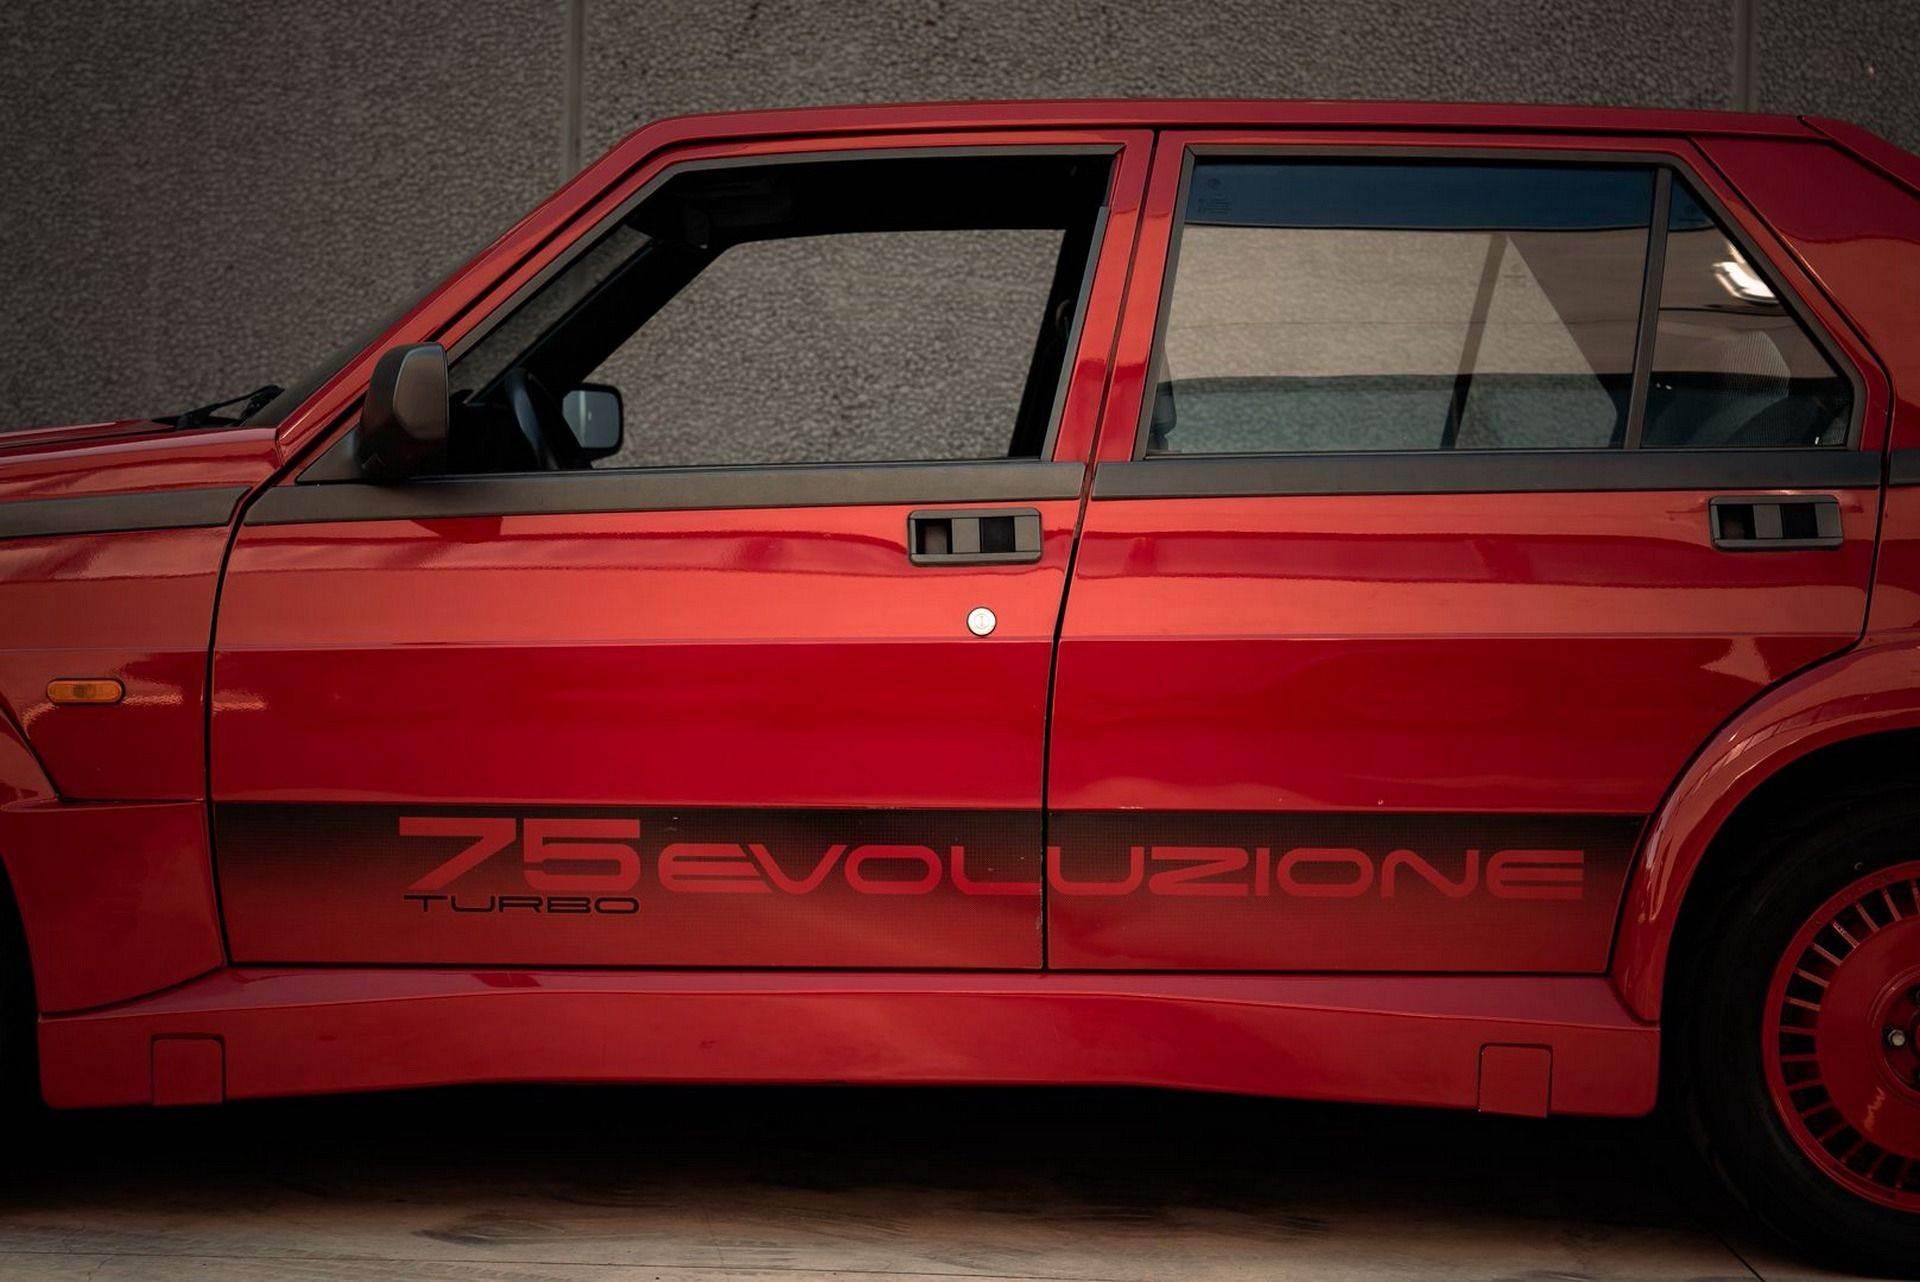 1987_Alfa_Romeo_75_Turbo_Evoluzione_sale-0011